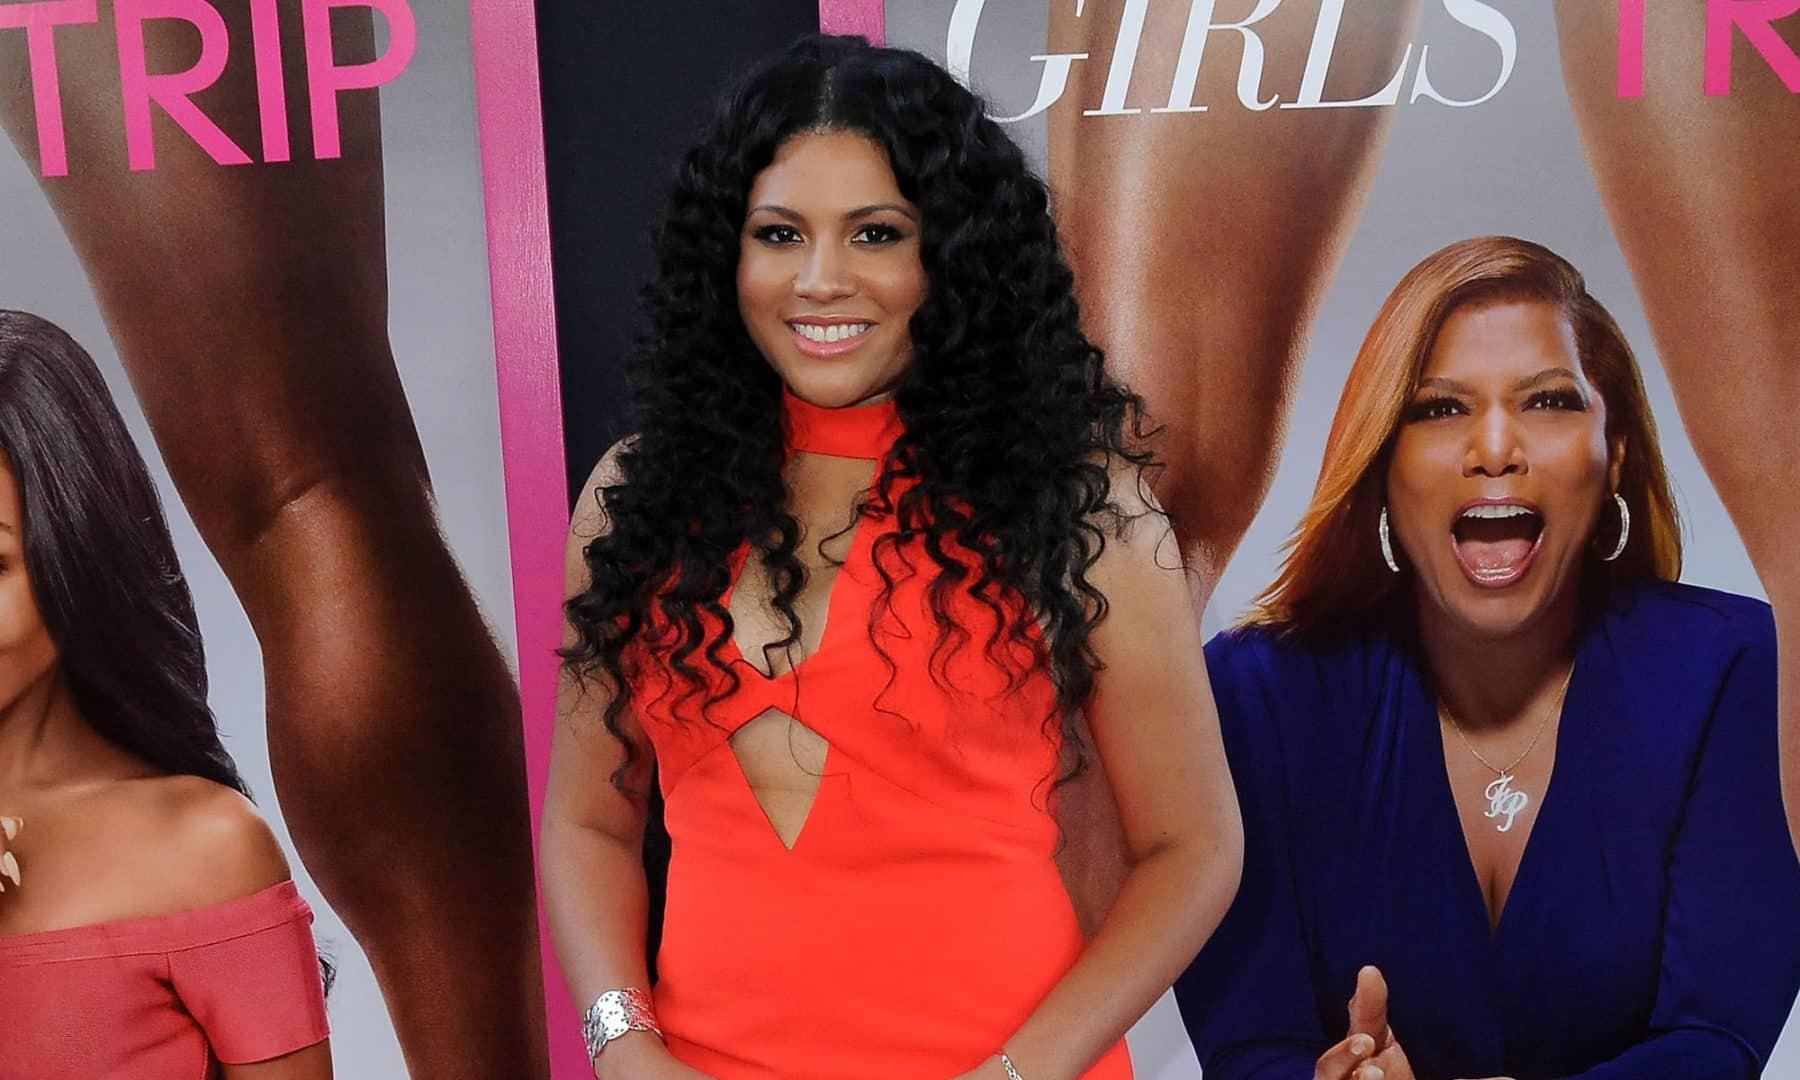 Paramount pone en marcha reboot televisivo de First Wives Club que contará con 10 episodios